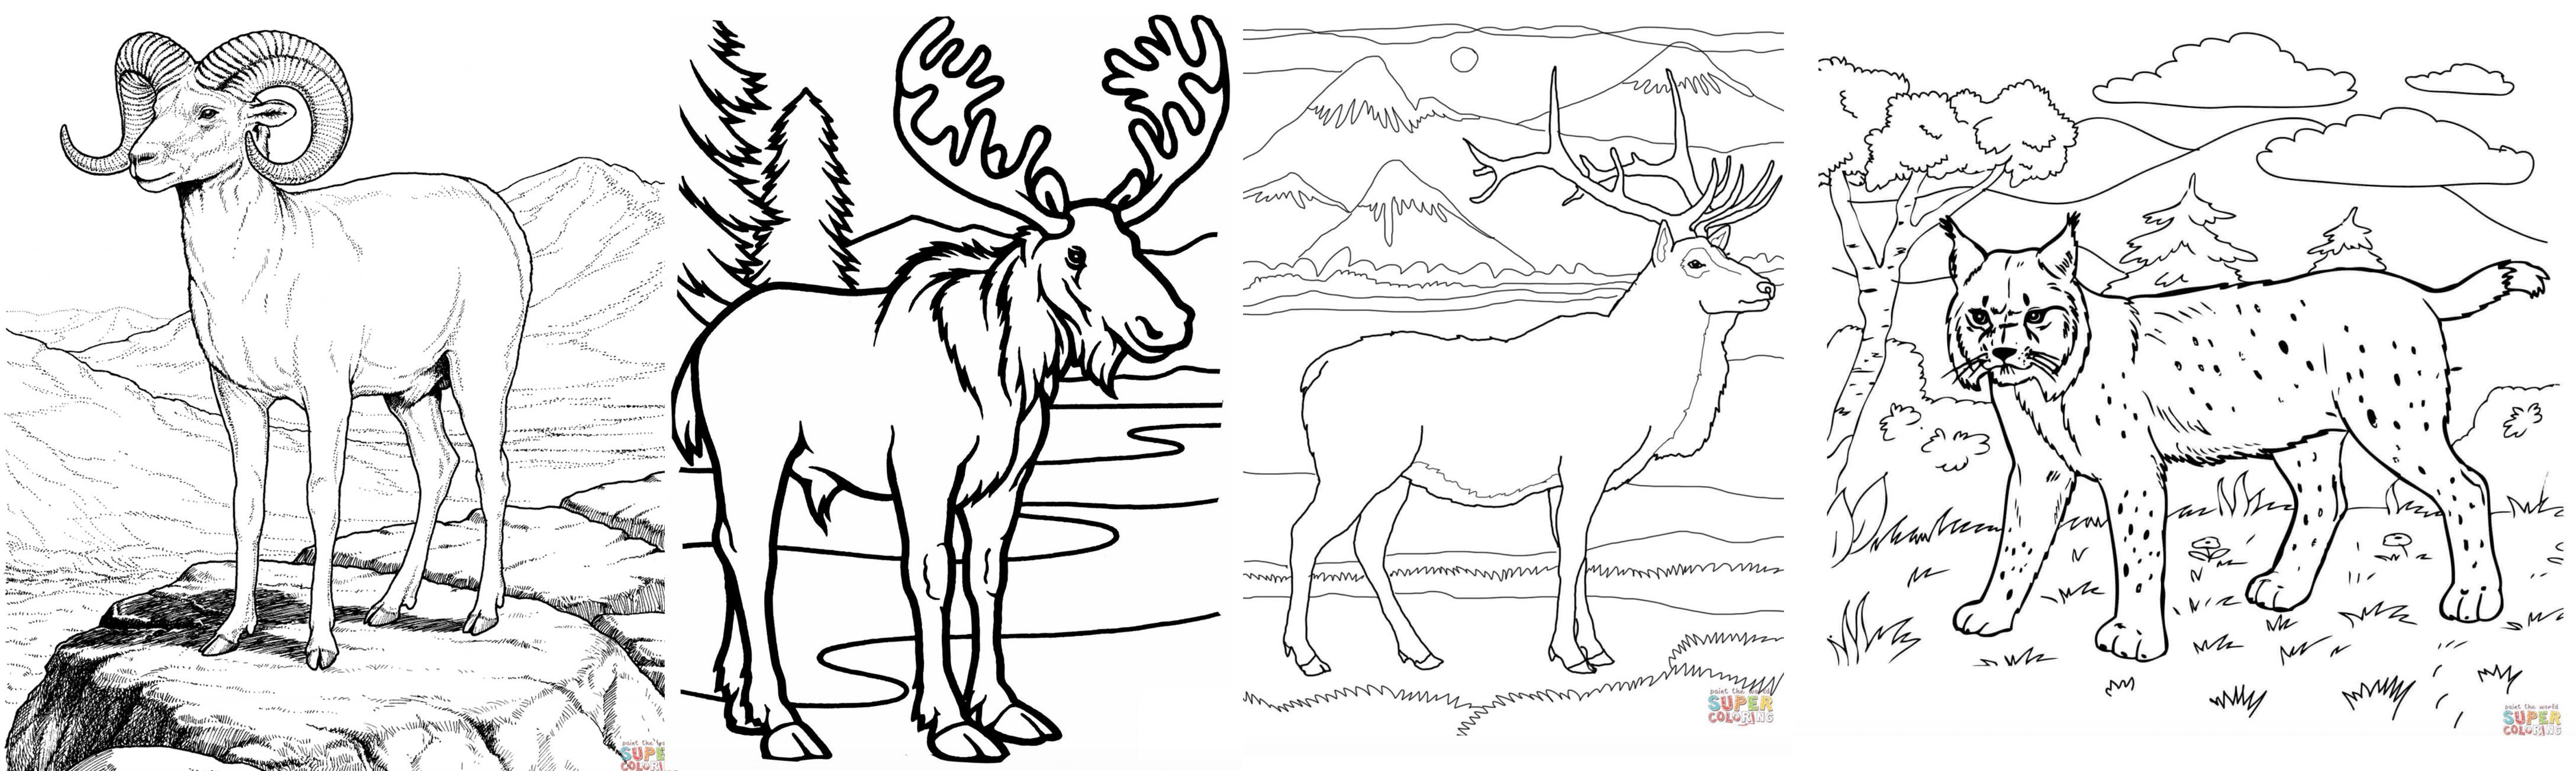 Estes Park Wildlife Coloring Pages